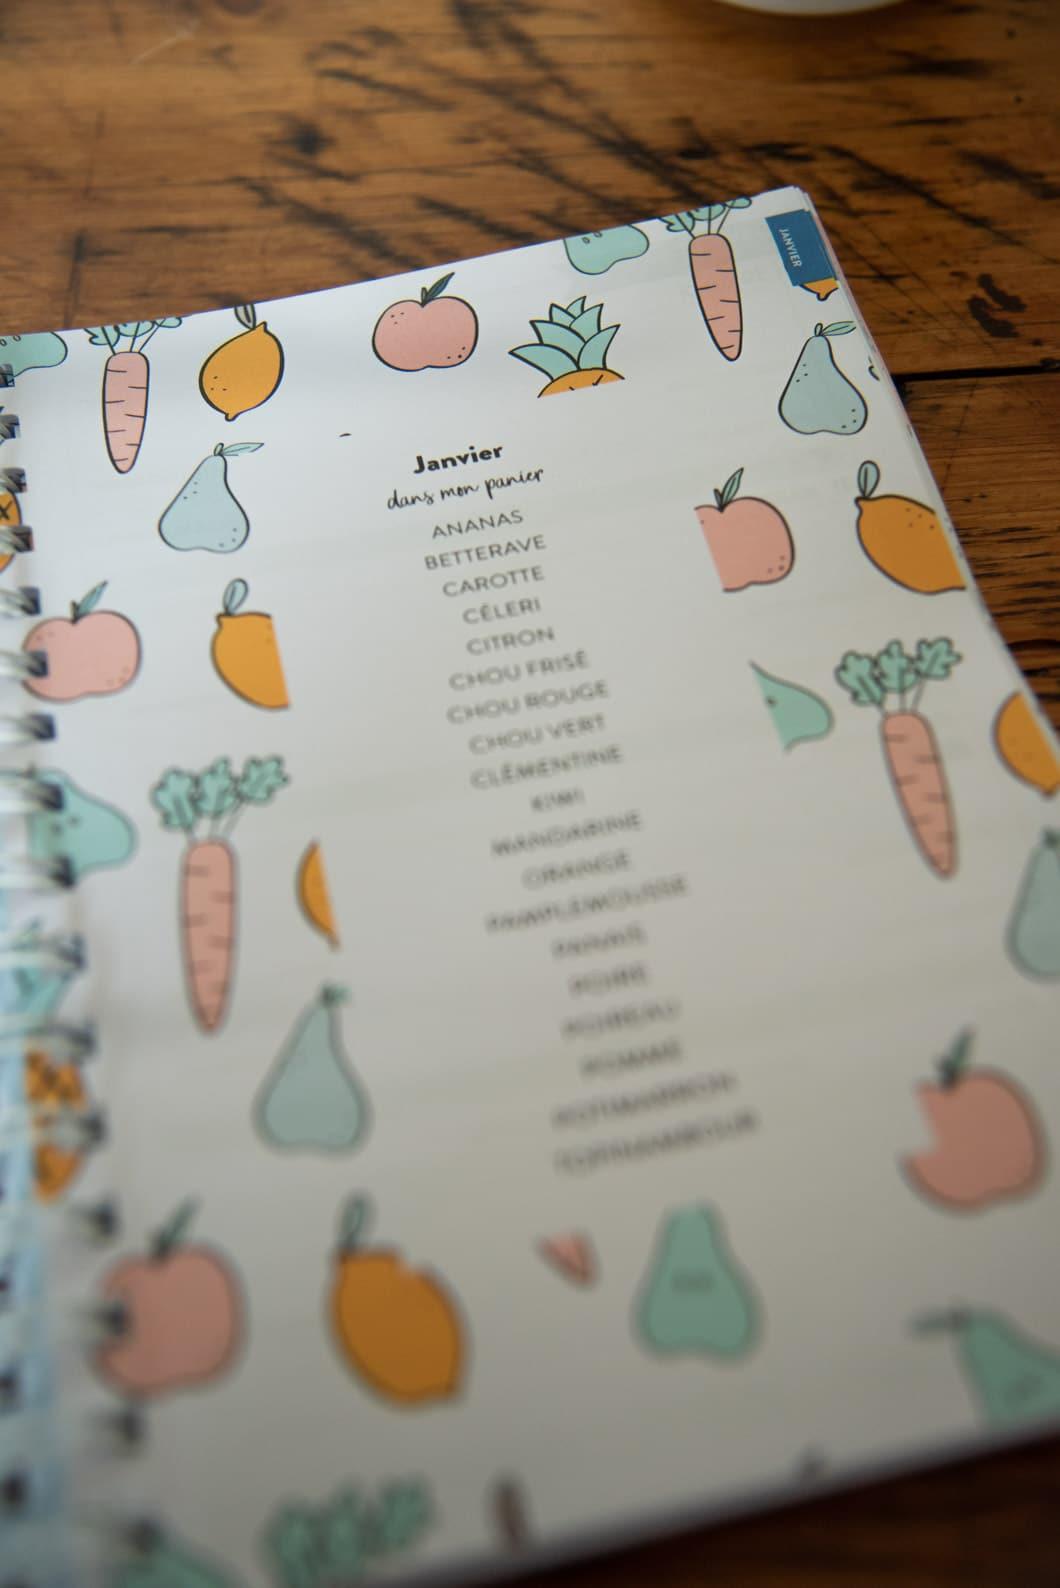 L'agenda 2020 qui me veut du bien : fruits et légumes de saison - 22 v'la Scarlett